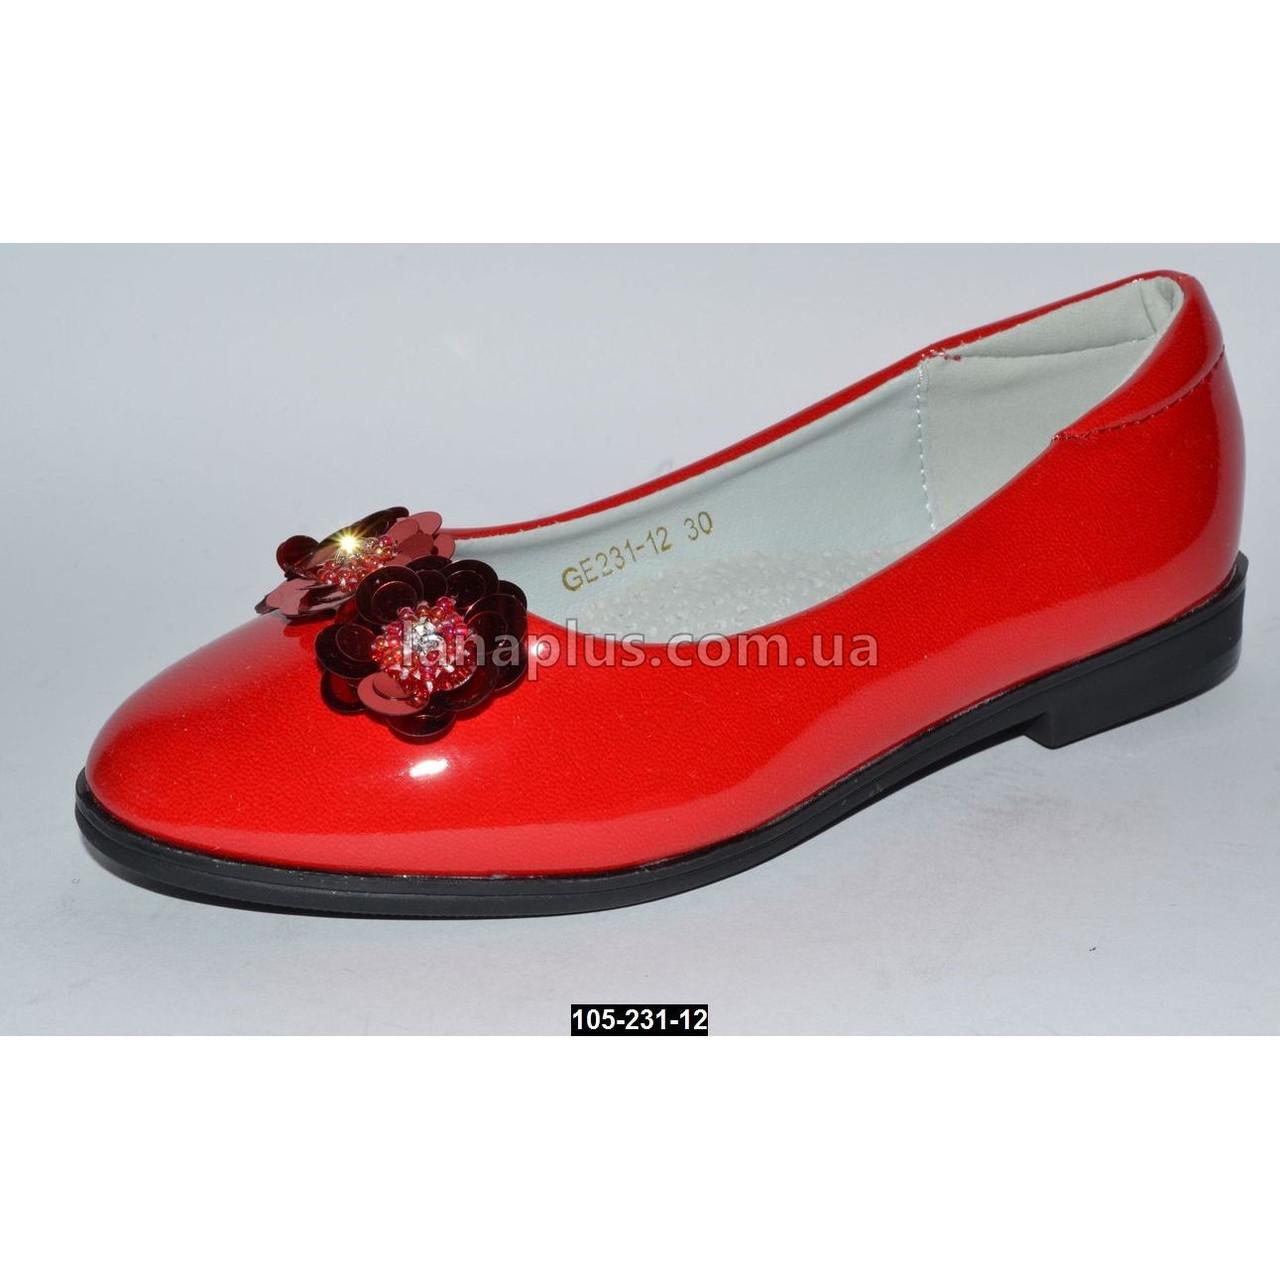 Нарядные балетки для девочки, 30 размер (20 см), туфли на выпускной